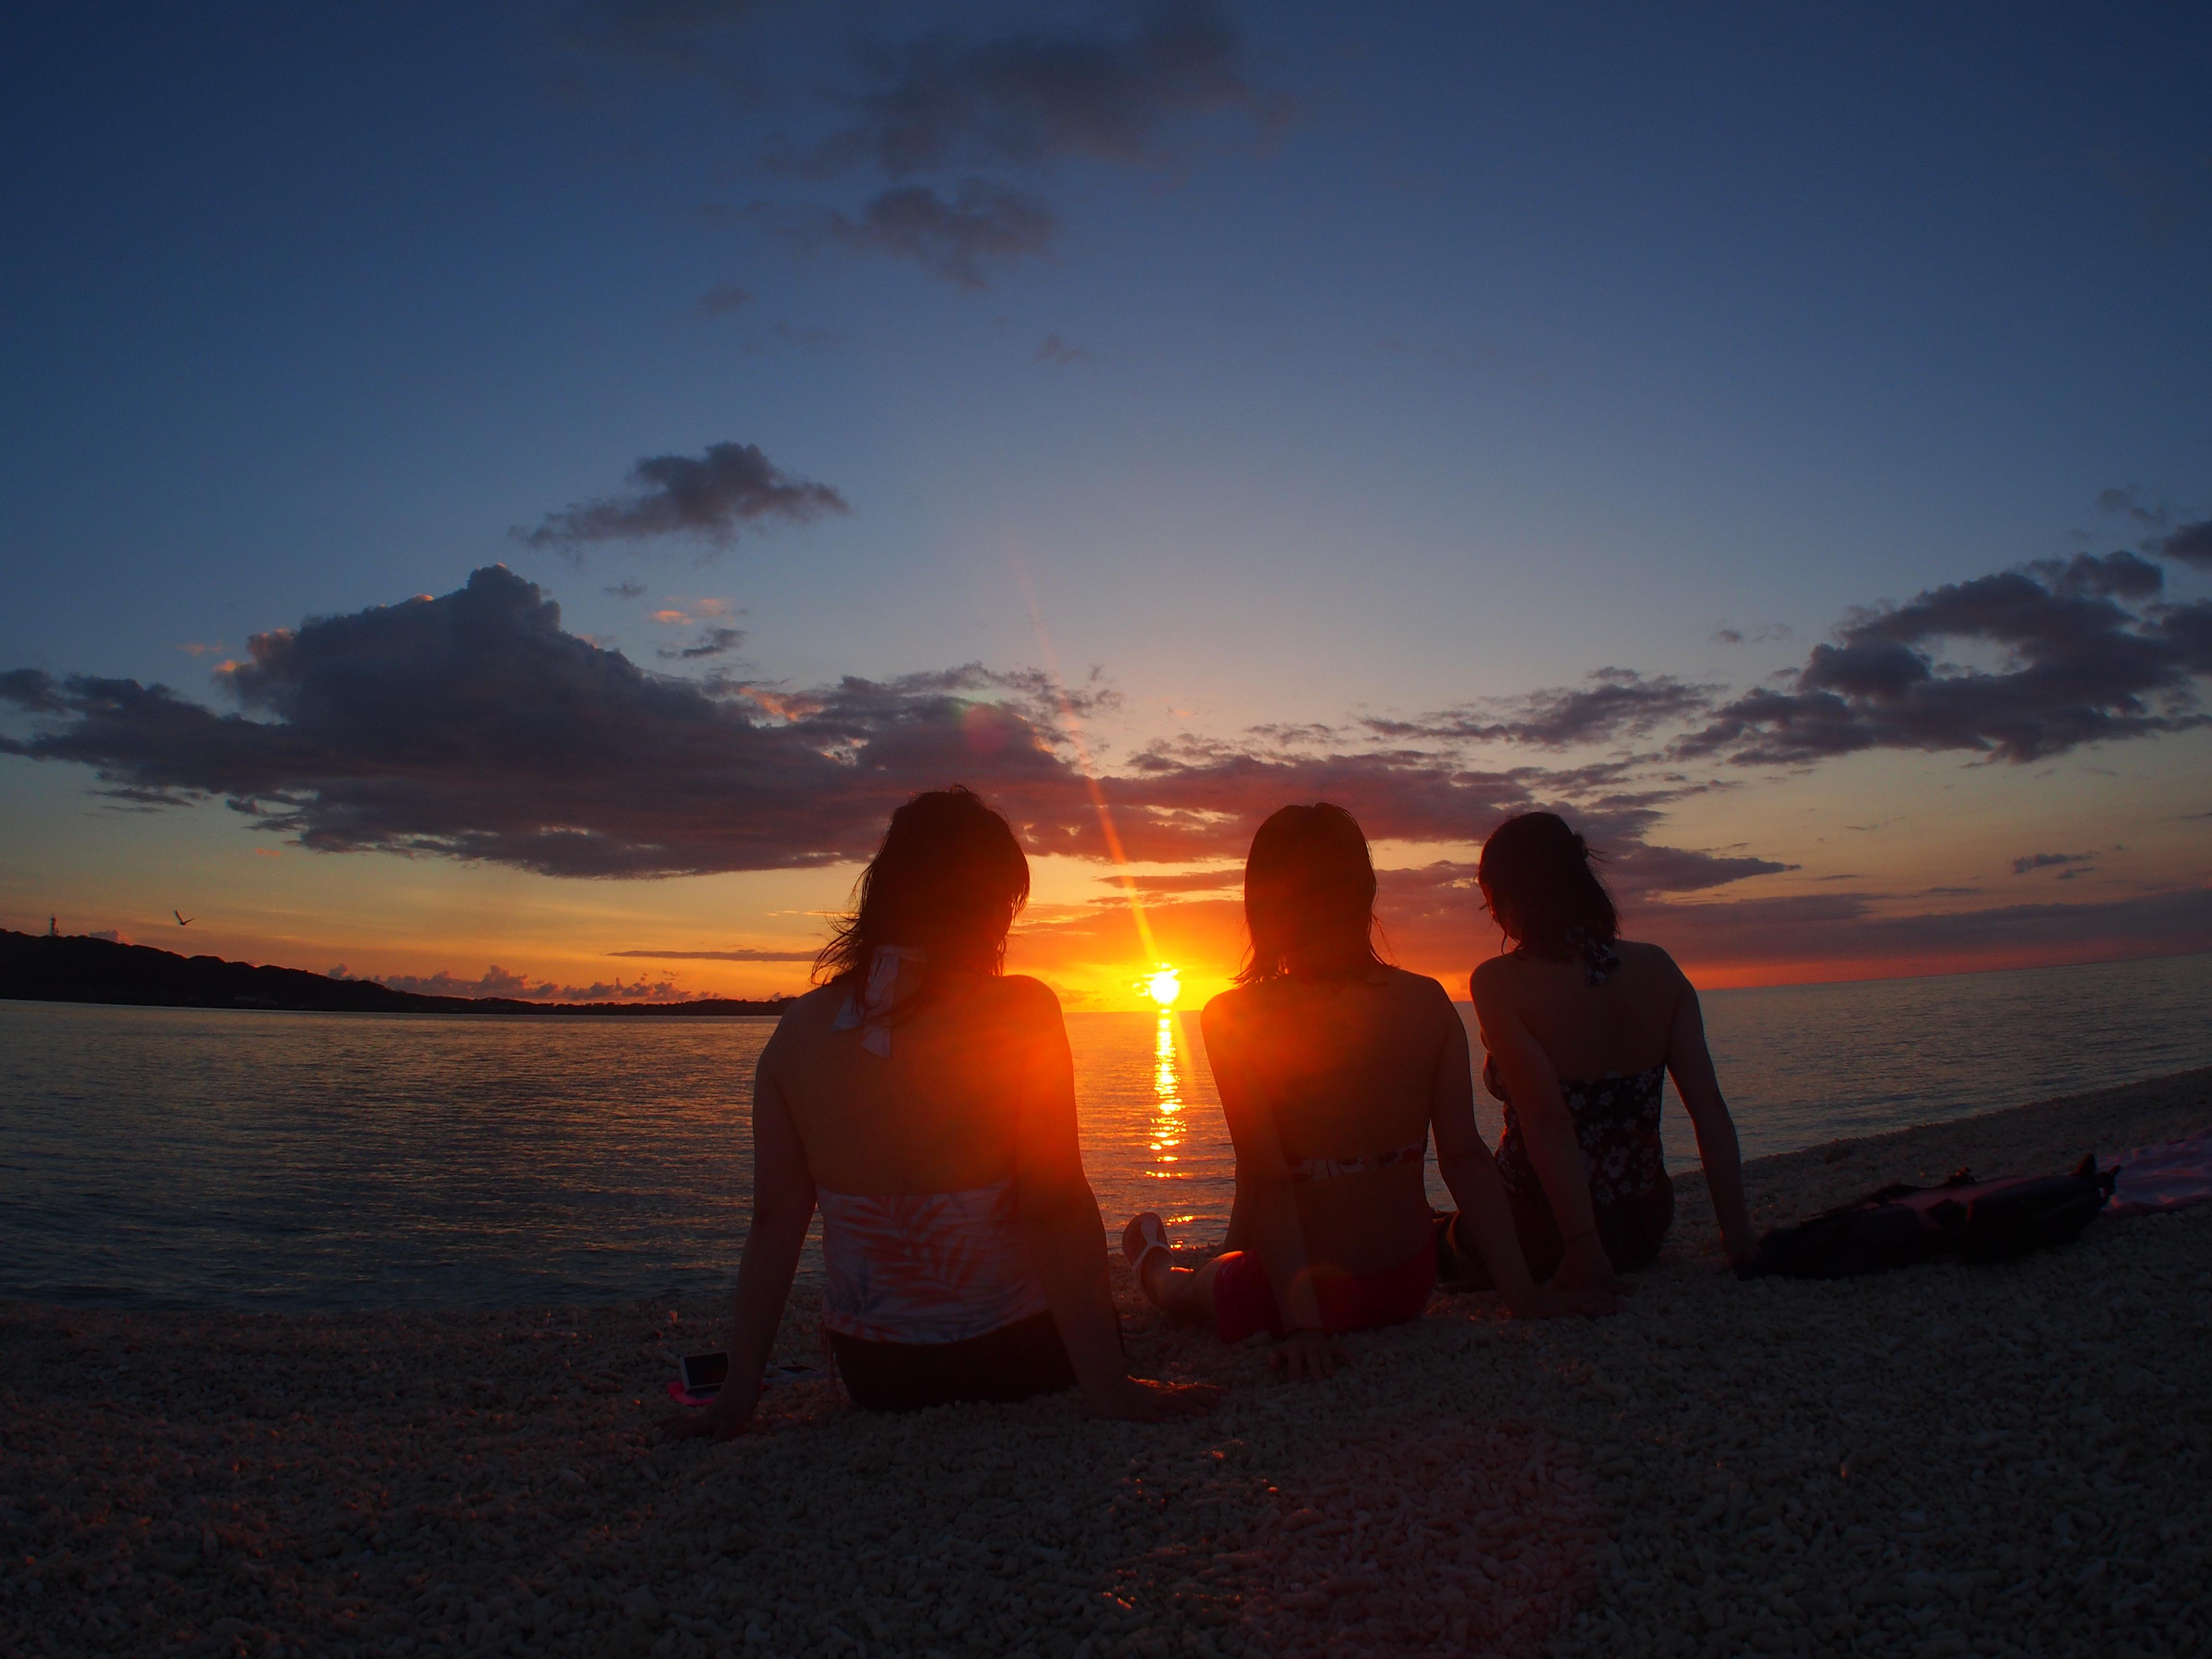 砂浜で並んで沈む夕日を眺める女性達